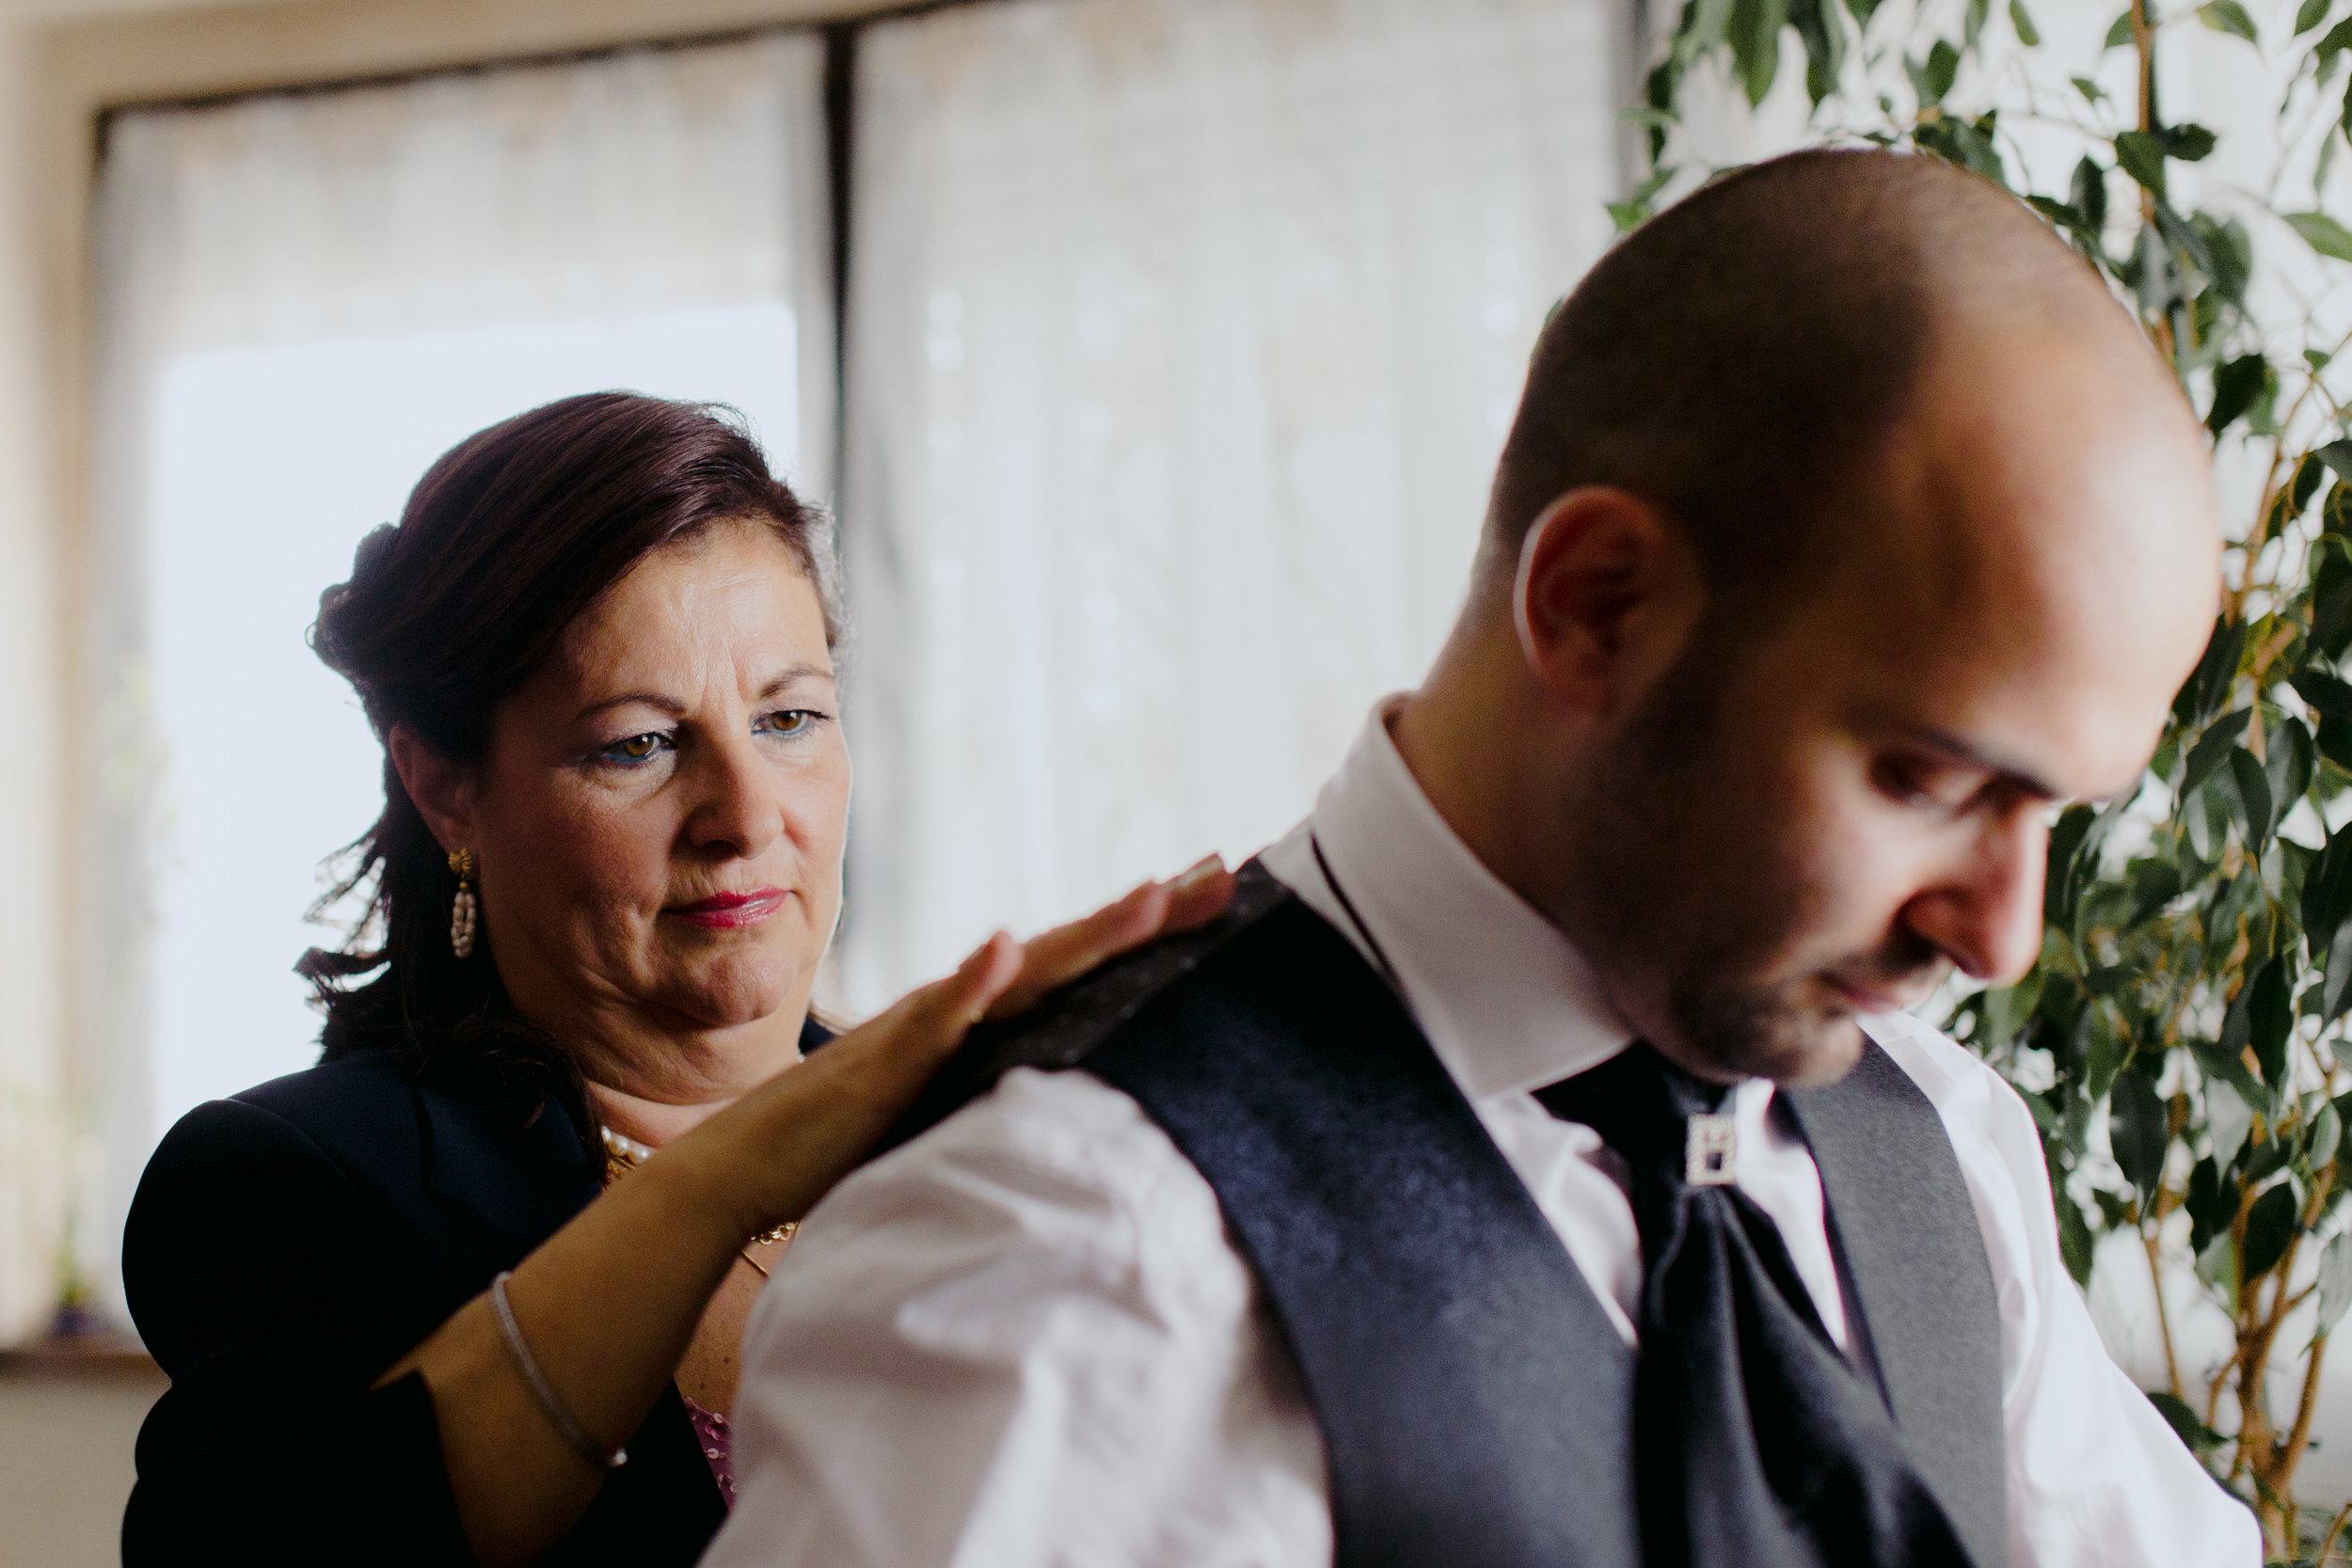 001 - Preparazione sposo-4.JPG